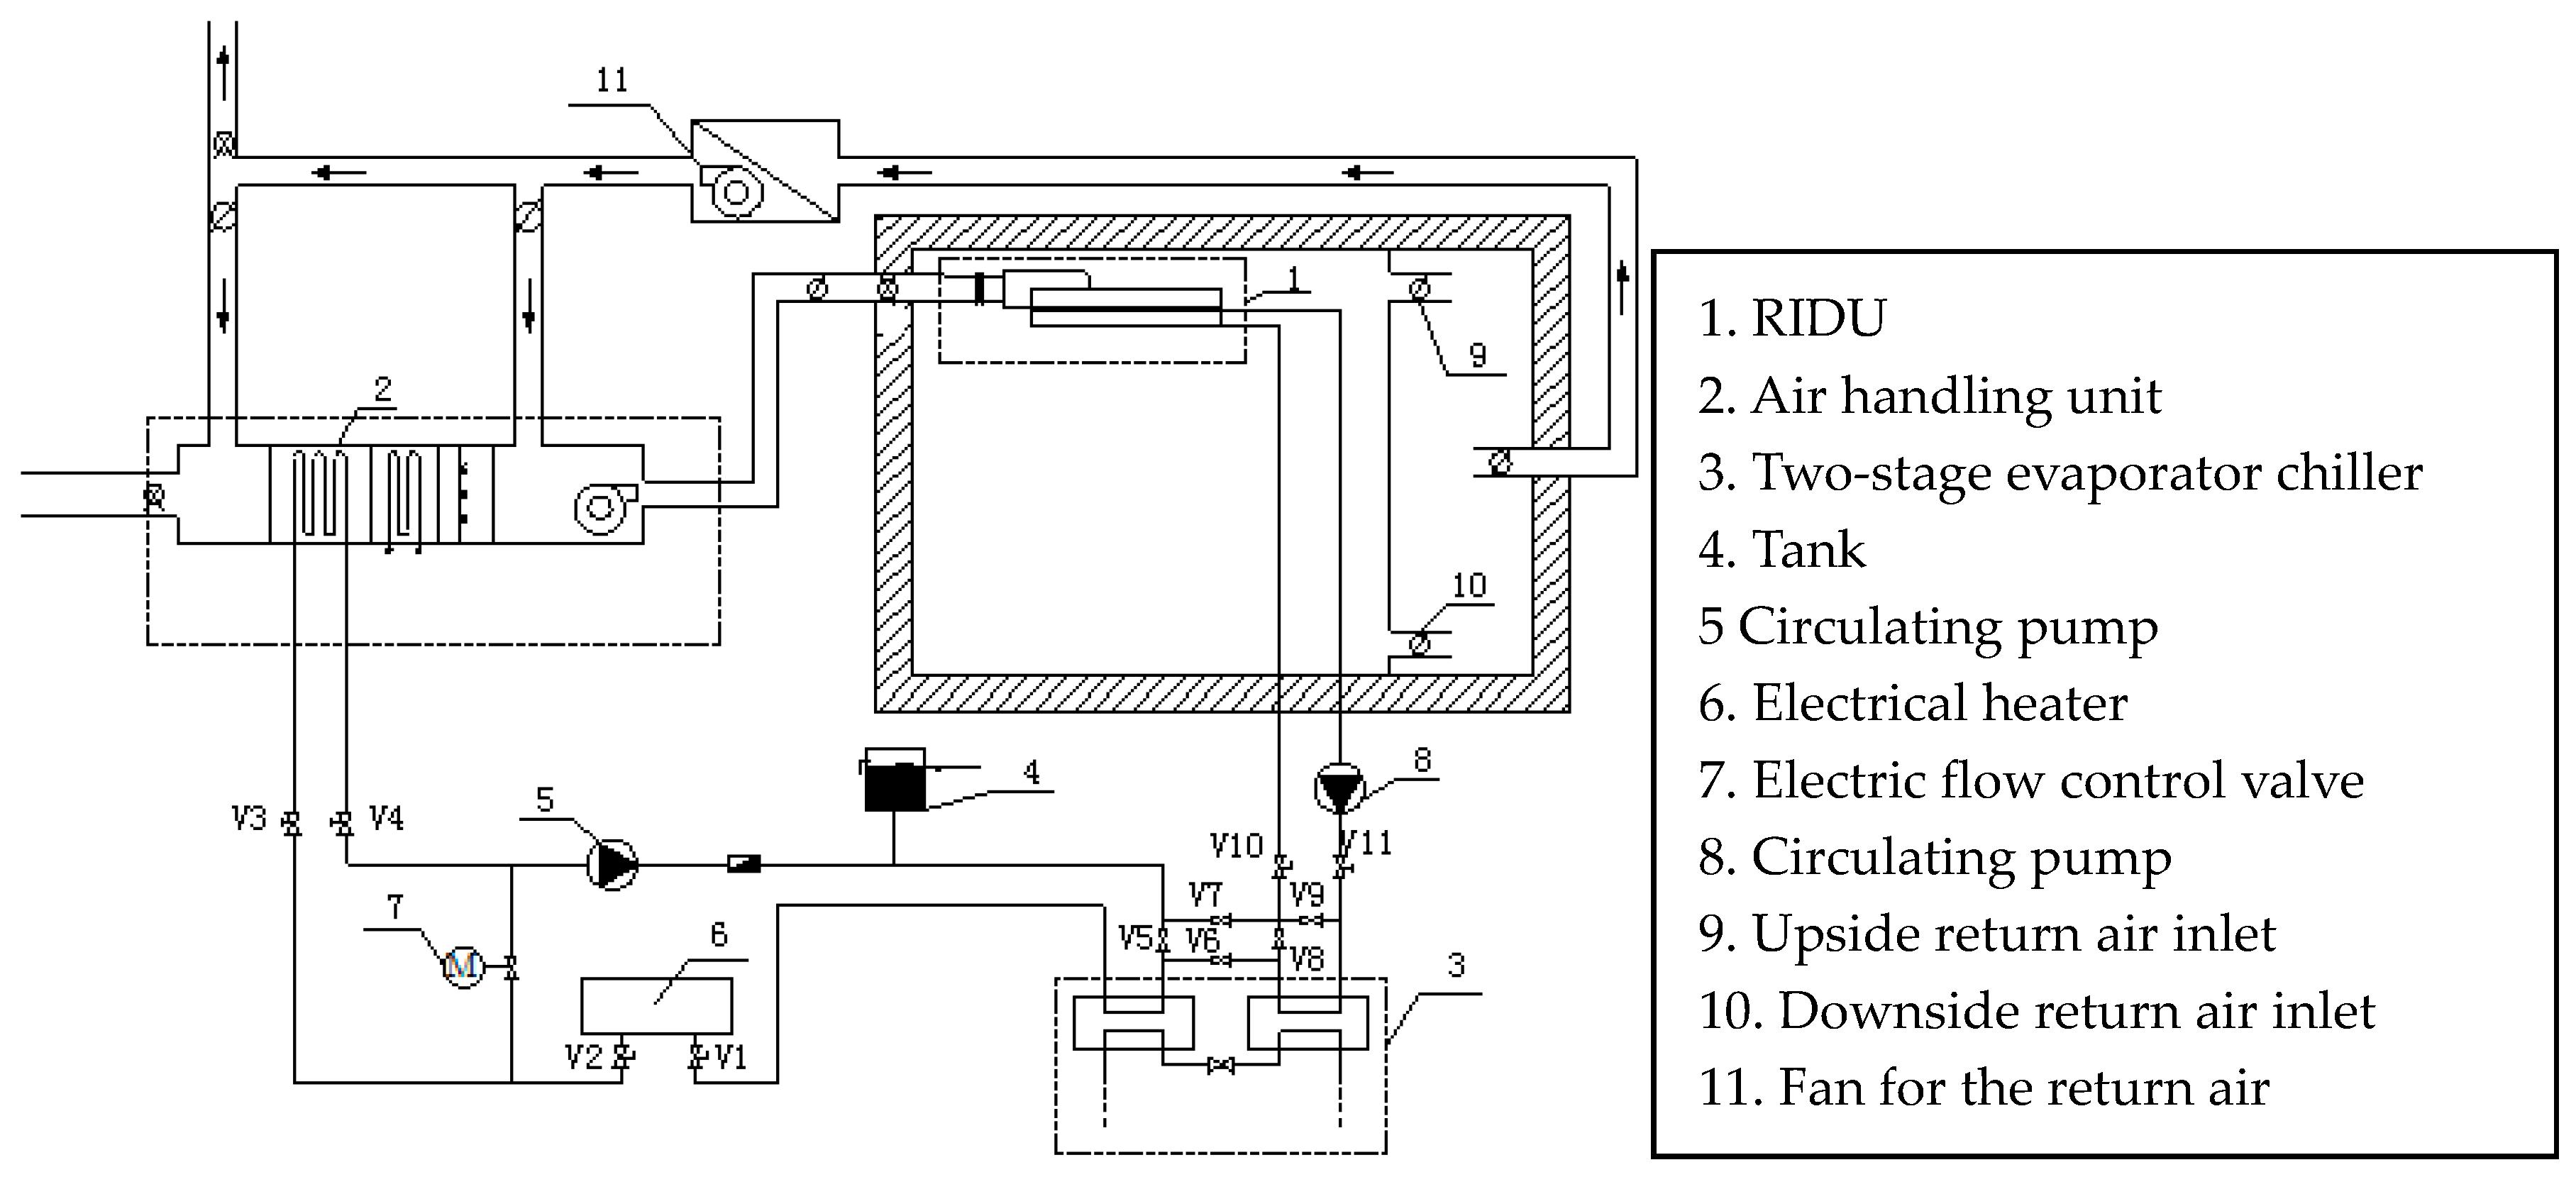 induction unit diagram